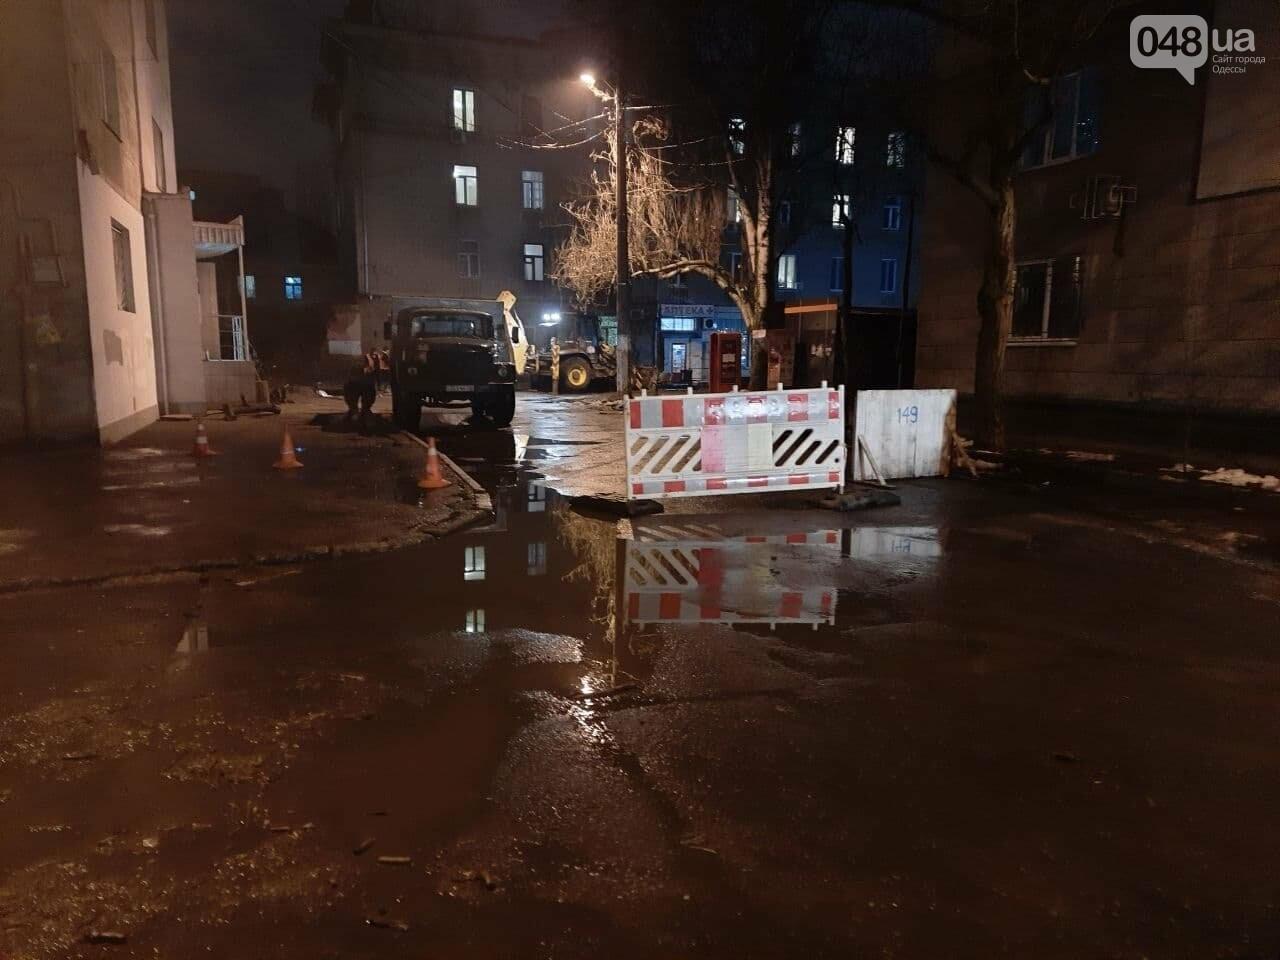 В Одессе ещё одну улицу перекрыли из-за ремонтных работ, - ФОТО, фото-3